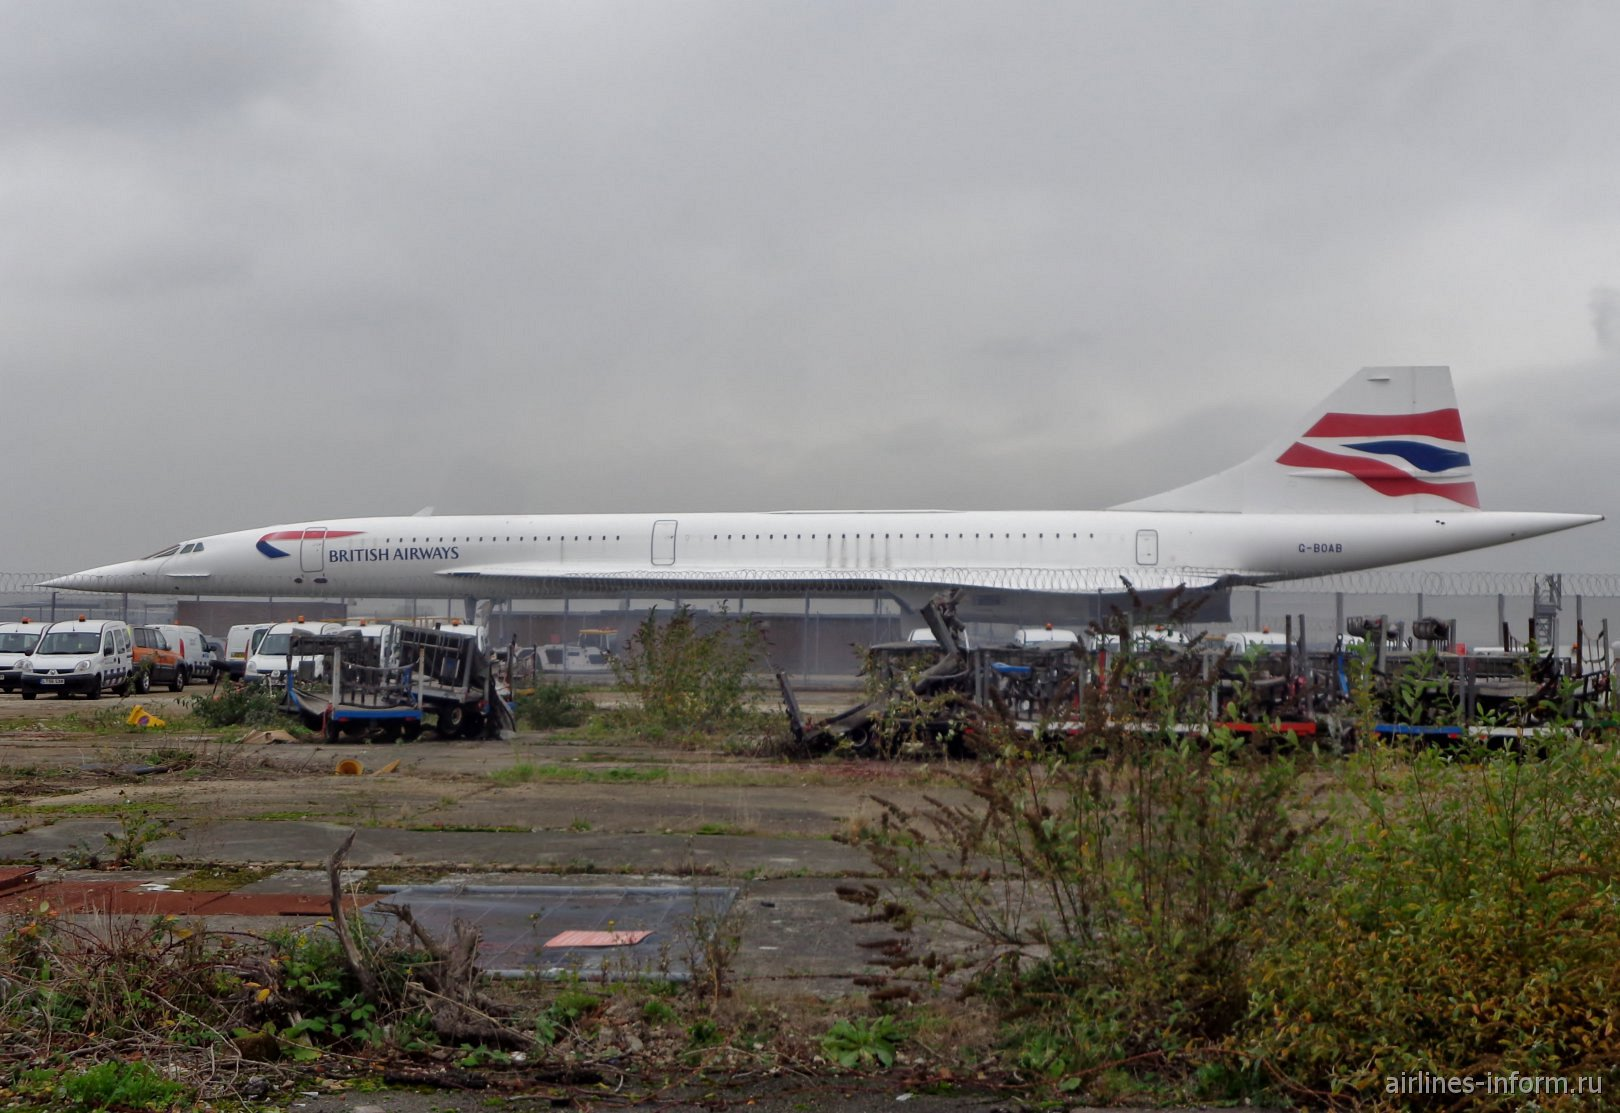 Авиалайнер Concorde G-BOAB в аэропорту Лондон Хитроу